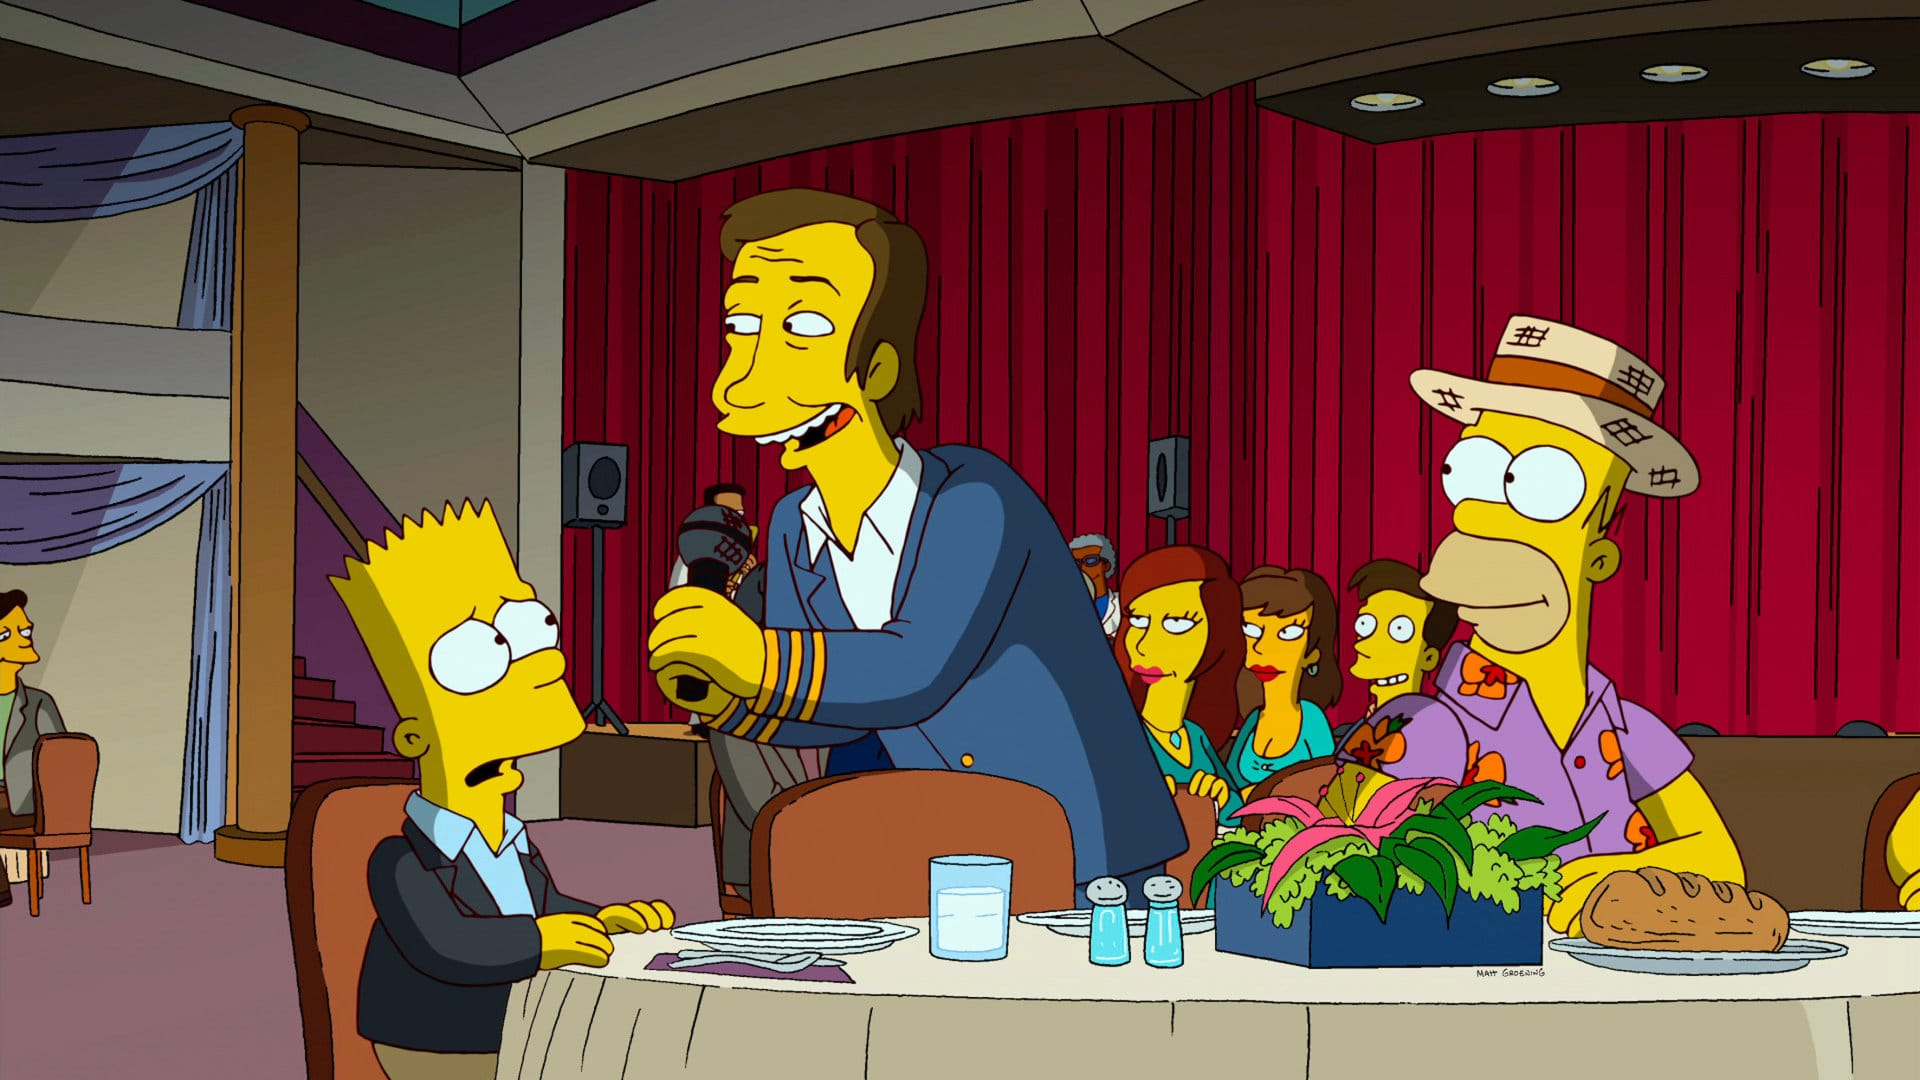 Les Simpson - Un truc super à ne jamais refaire